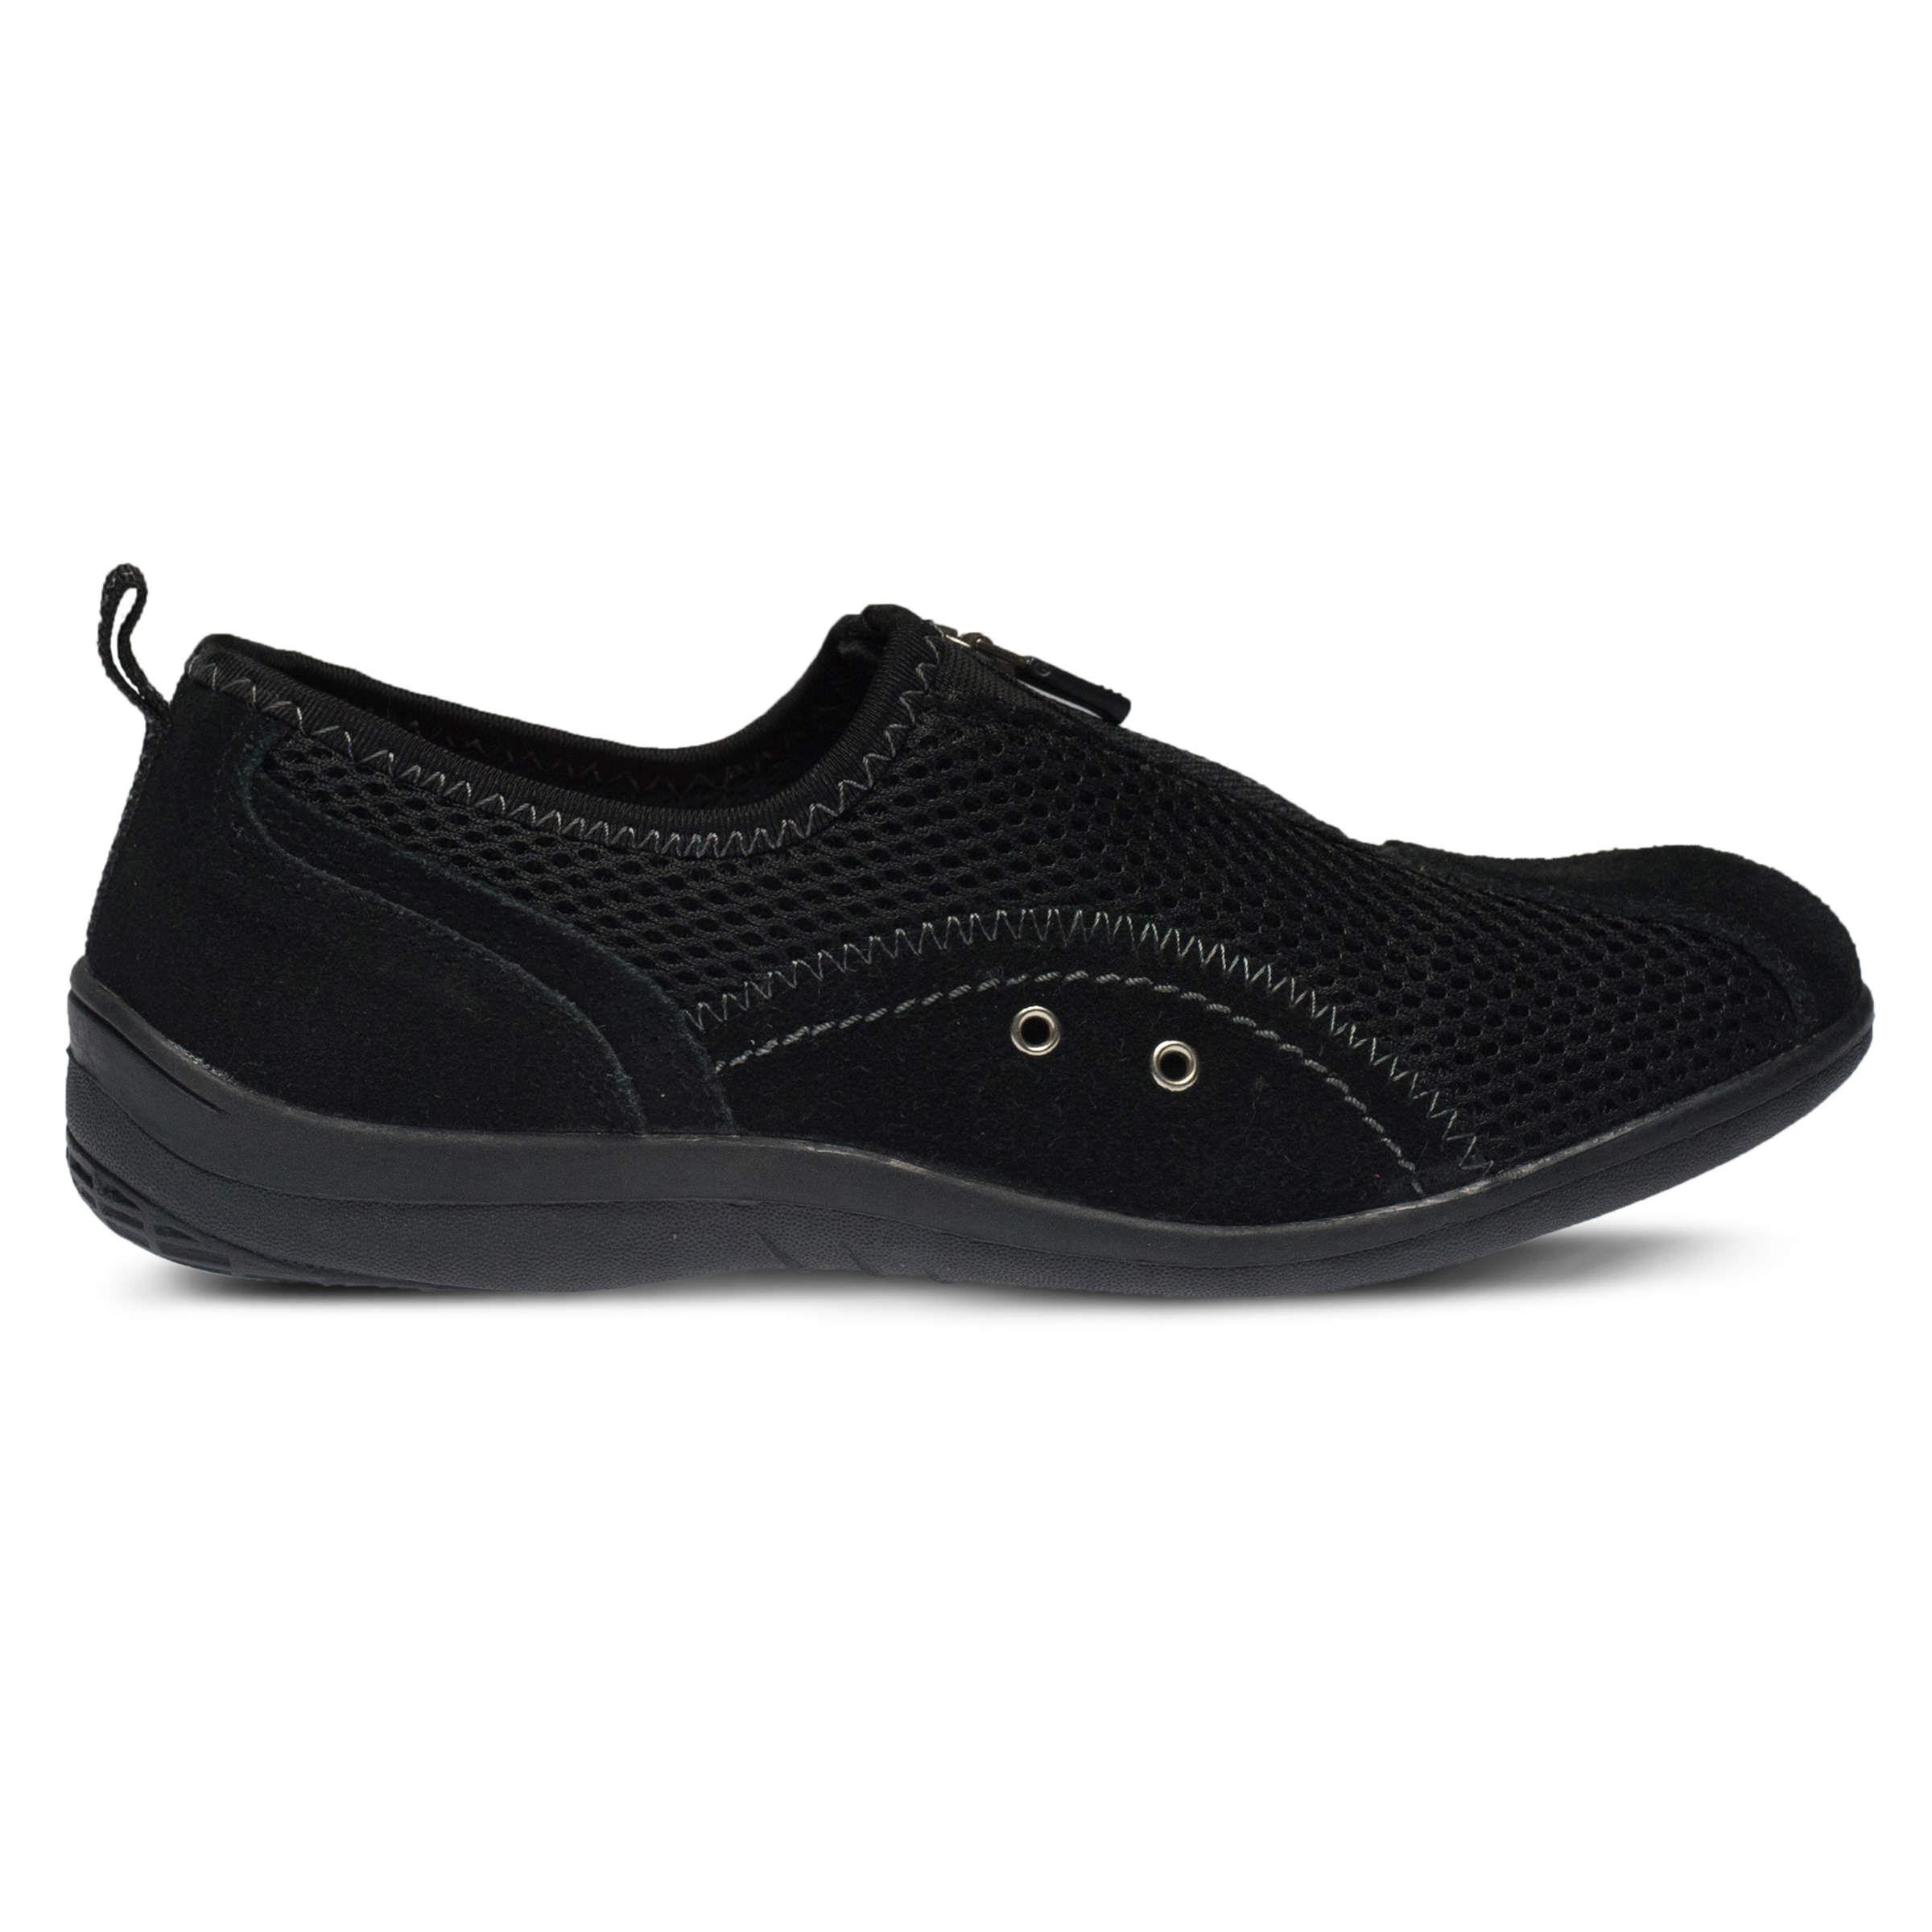 Women's SPRING STEP Racer Slip-Ons Black